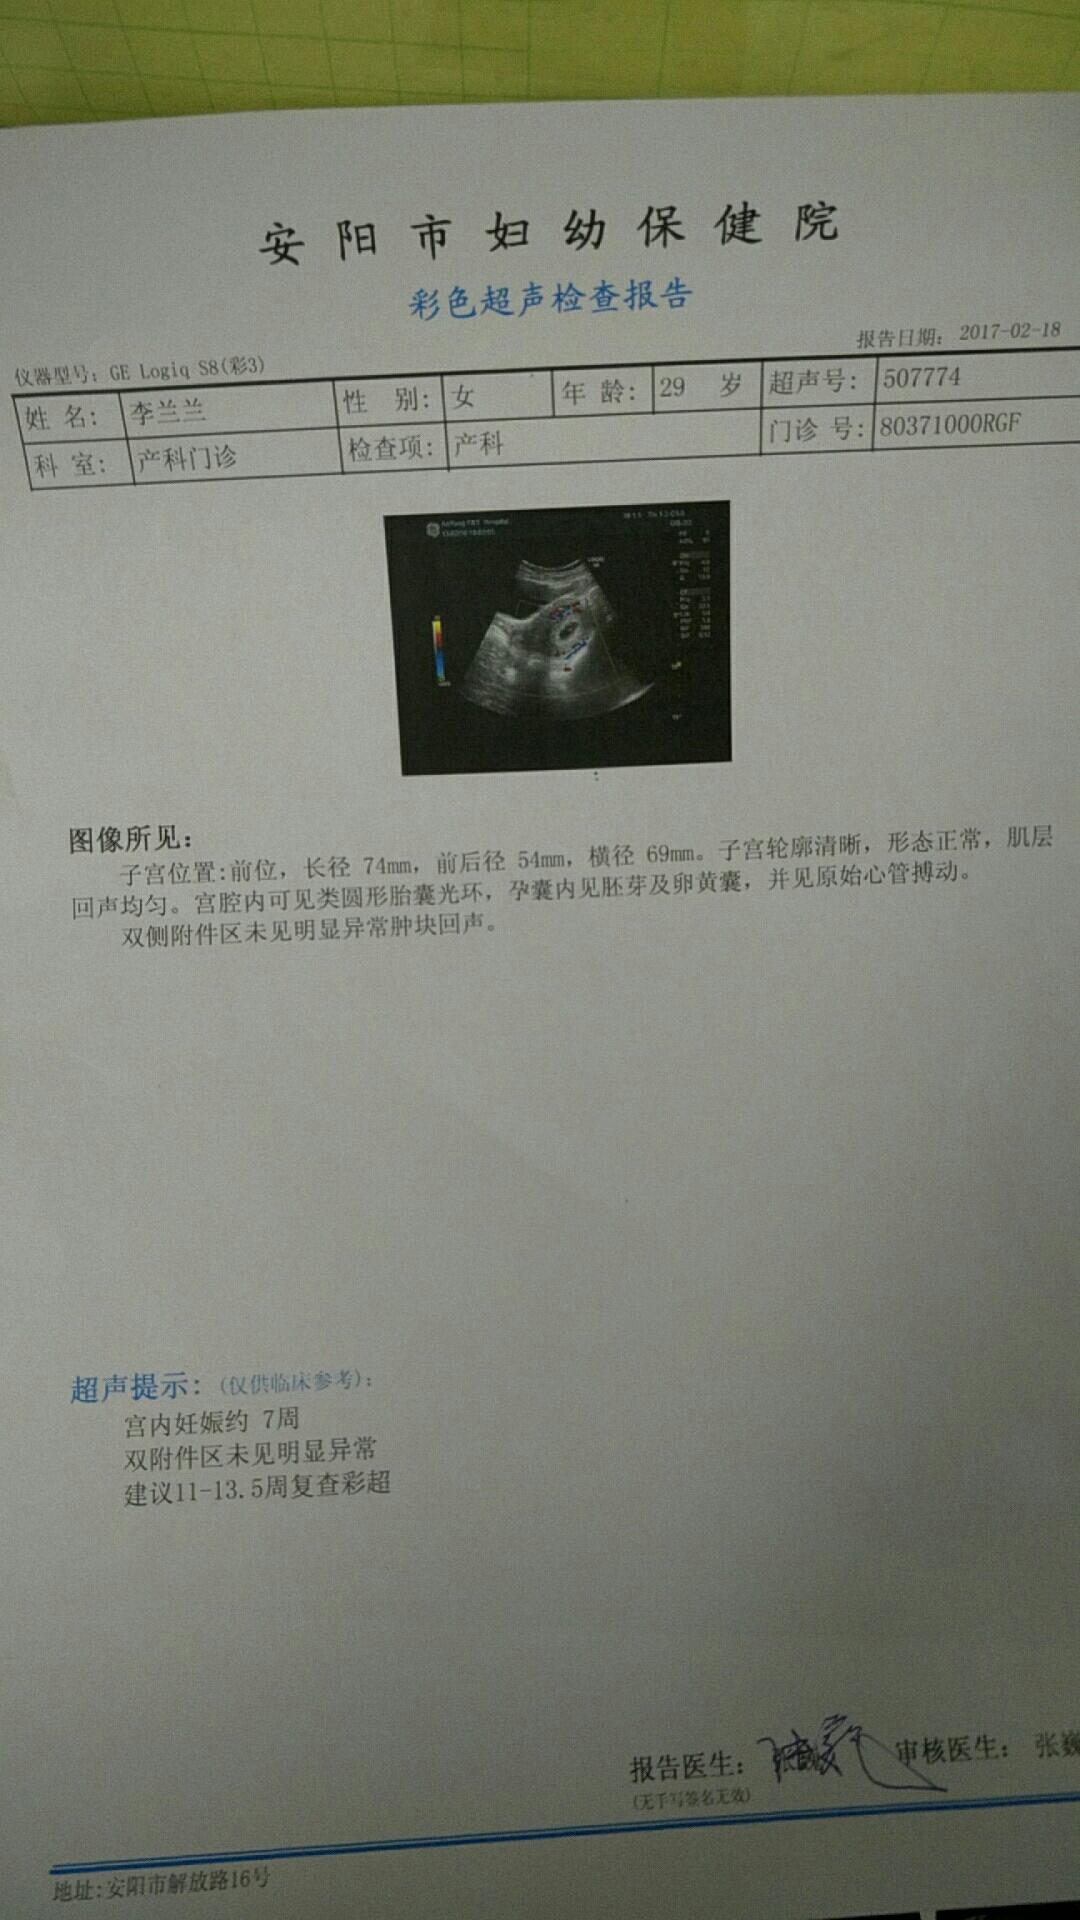 胎囊的形状和胎儿的性别是没有关系,基本上都是一个三维的球体或椭圆